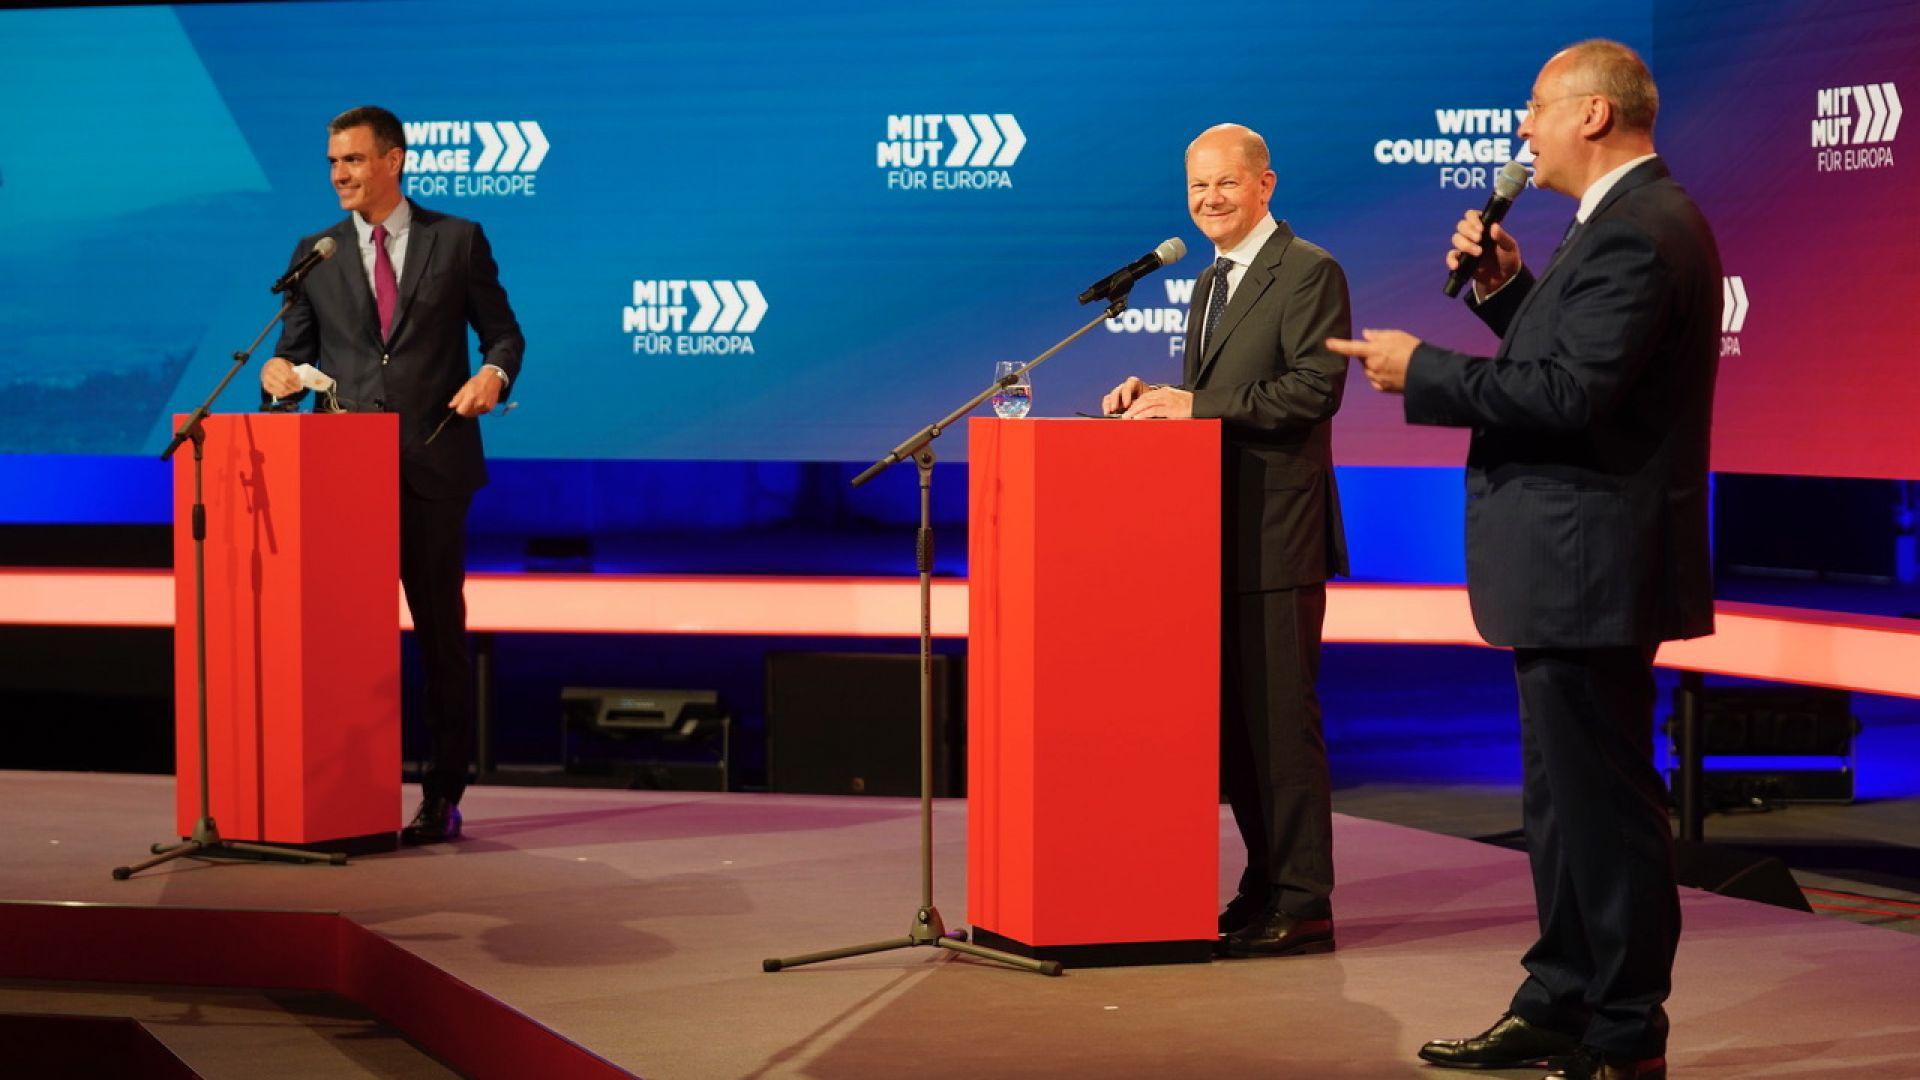 Станишев в Берлин: Преди кризата поехме инициативата, сега Европа избра левите приоритети